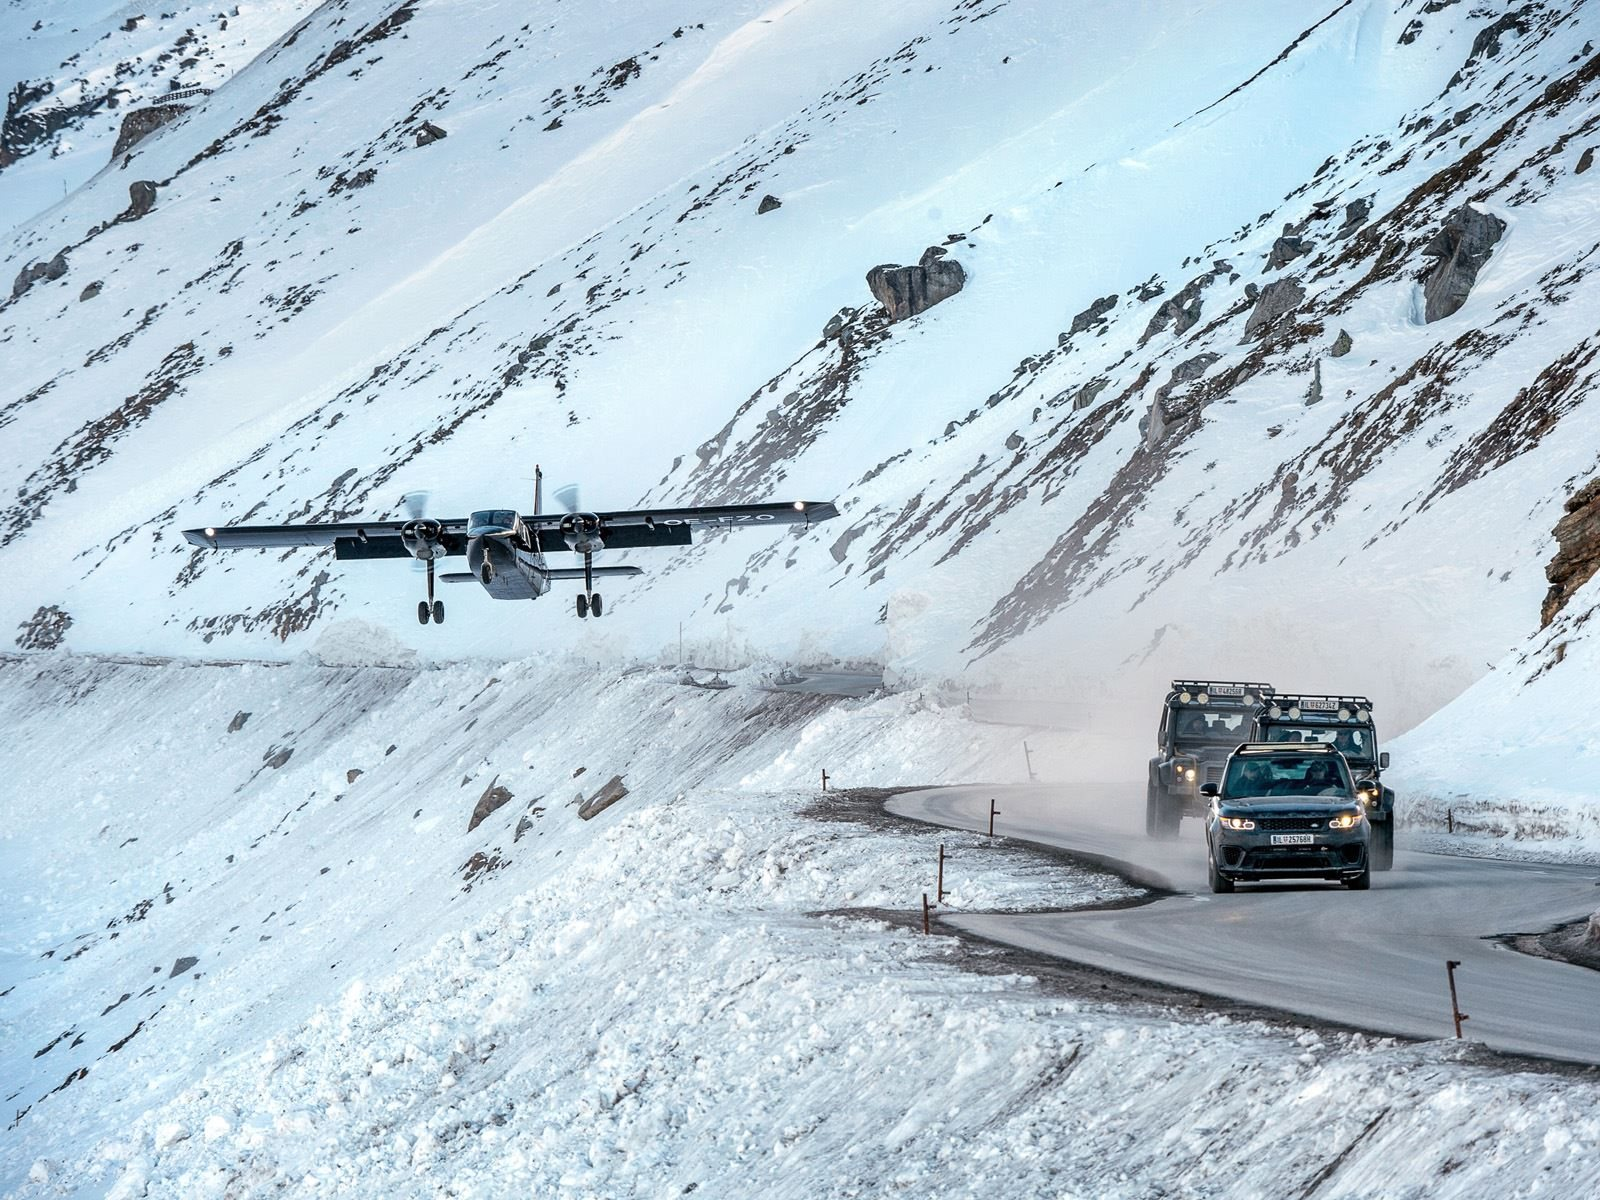 Те из вас, кто смотрел последний фильм Бонда «Призрак», могут помнить отдаленное снежное место Хоффлер-Клиники. Оно расположено в Зёльдене, Австрия и является реально существующим потрясающим рестораном Lake Altaussee Ice Q, который предлагает 360-гр